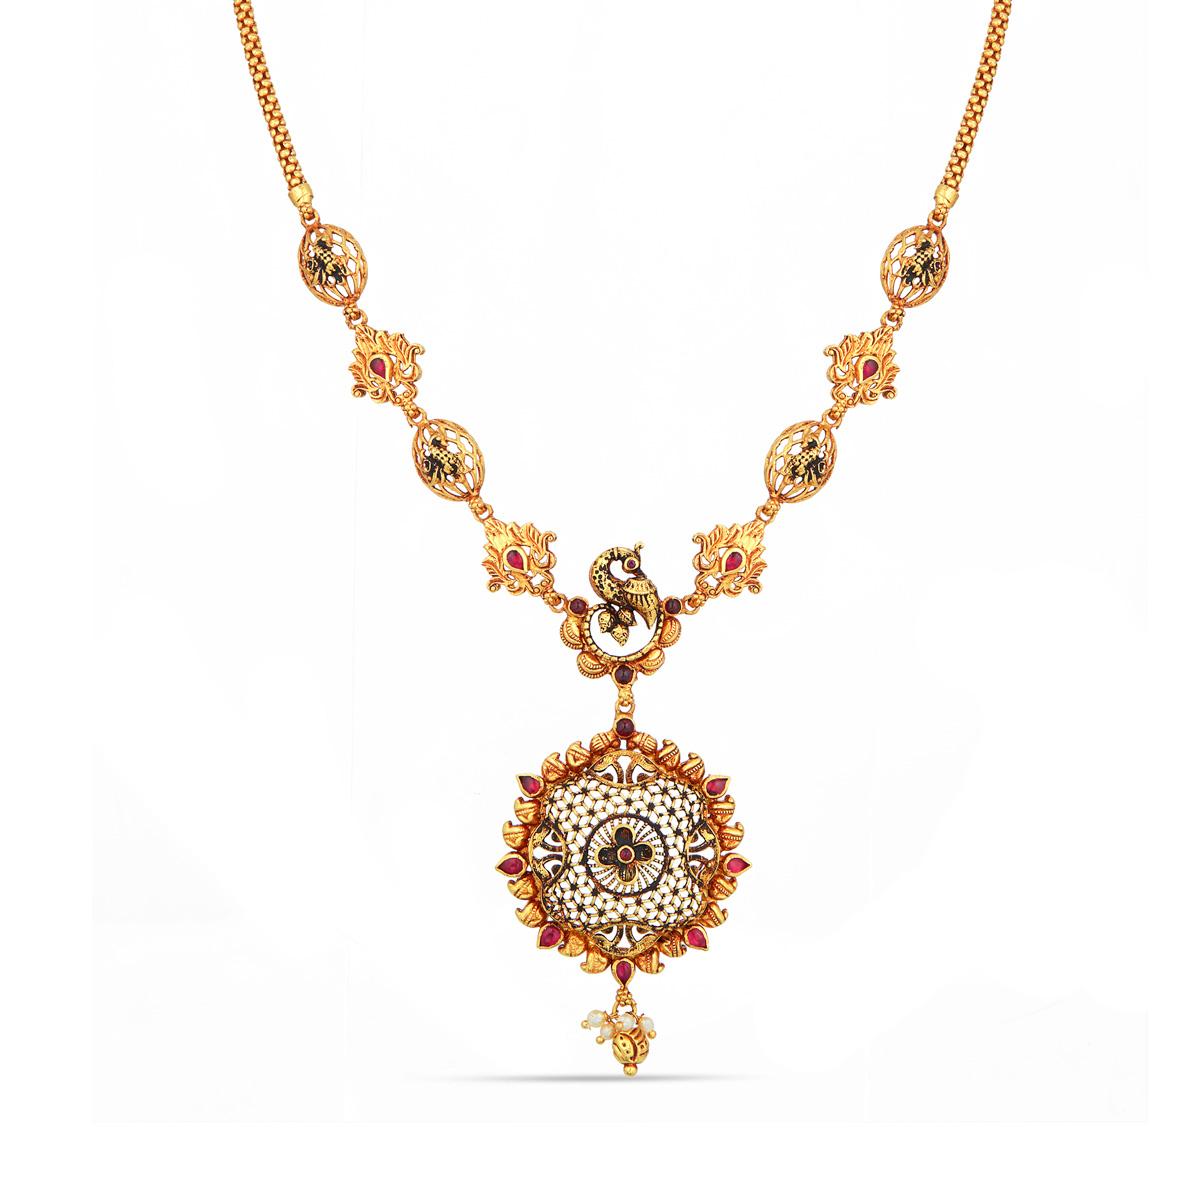 Mesmerizing necklace